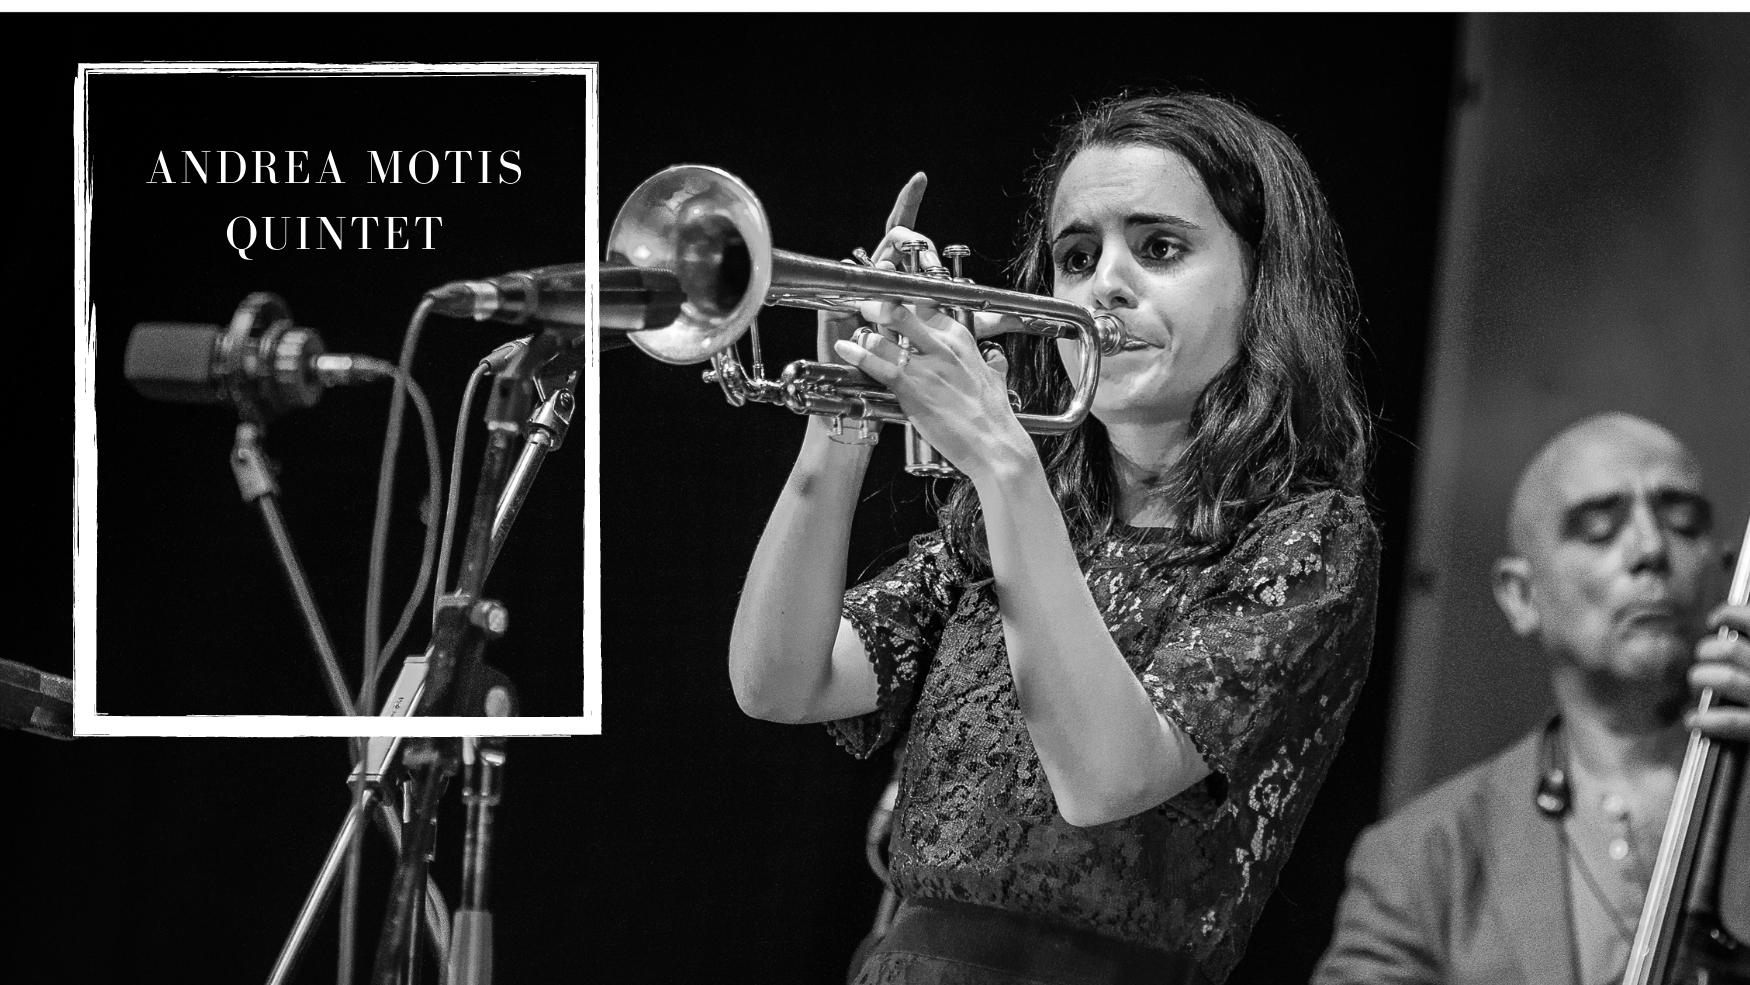 Andrea Motis Quintet | Copyright by Giacomo Ambrosino (GMPhotoagency)